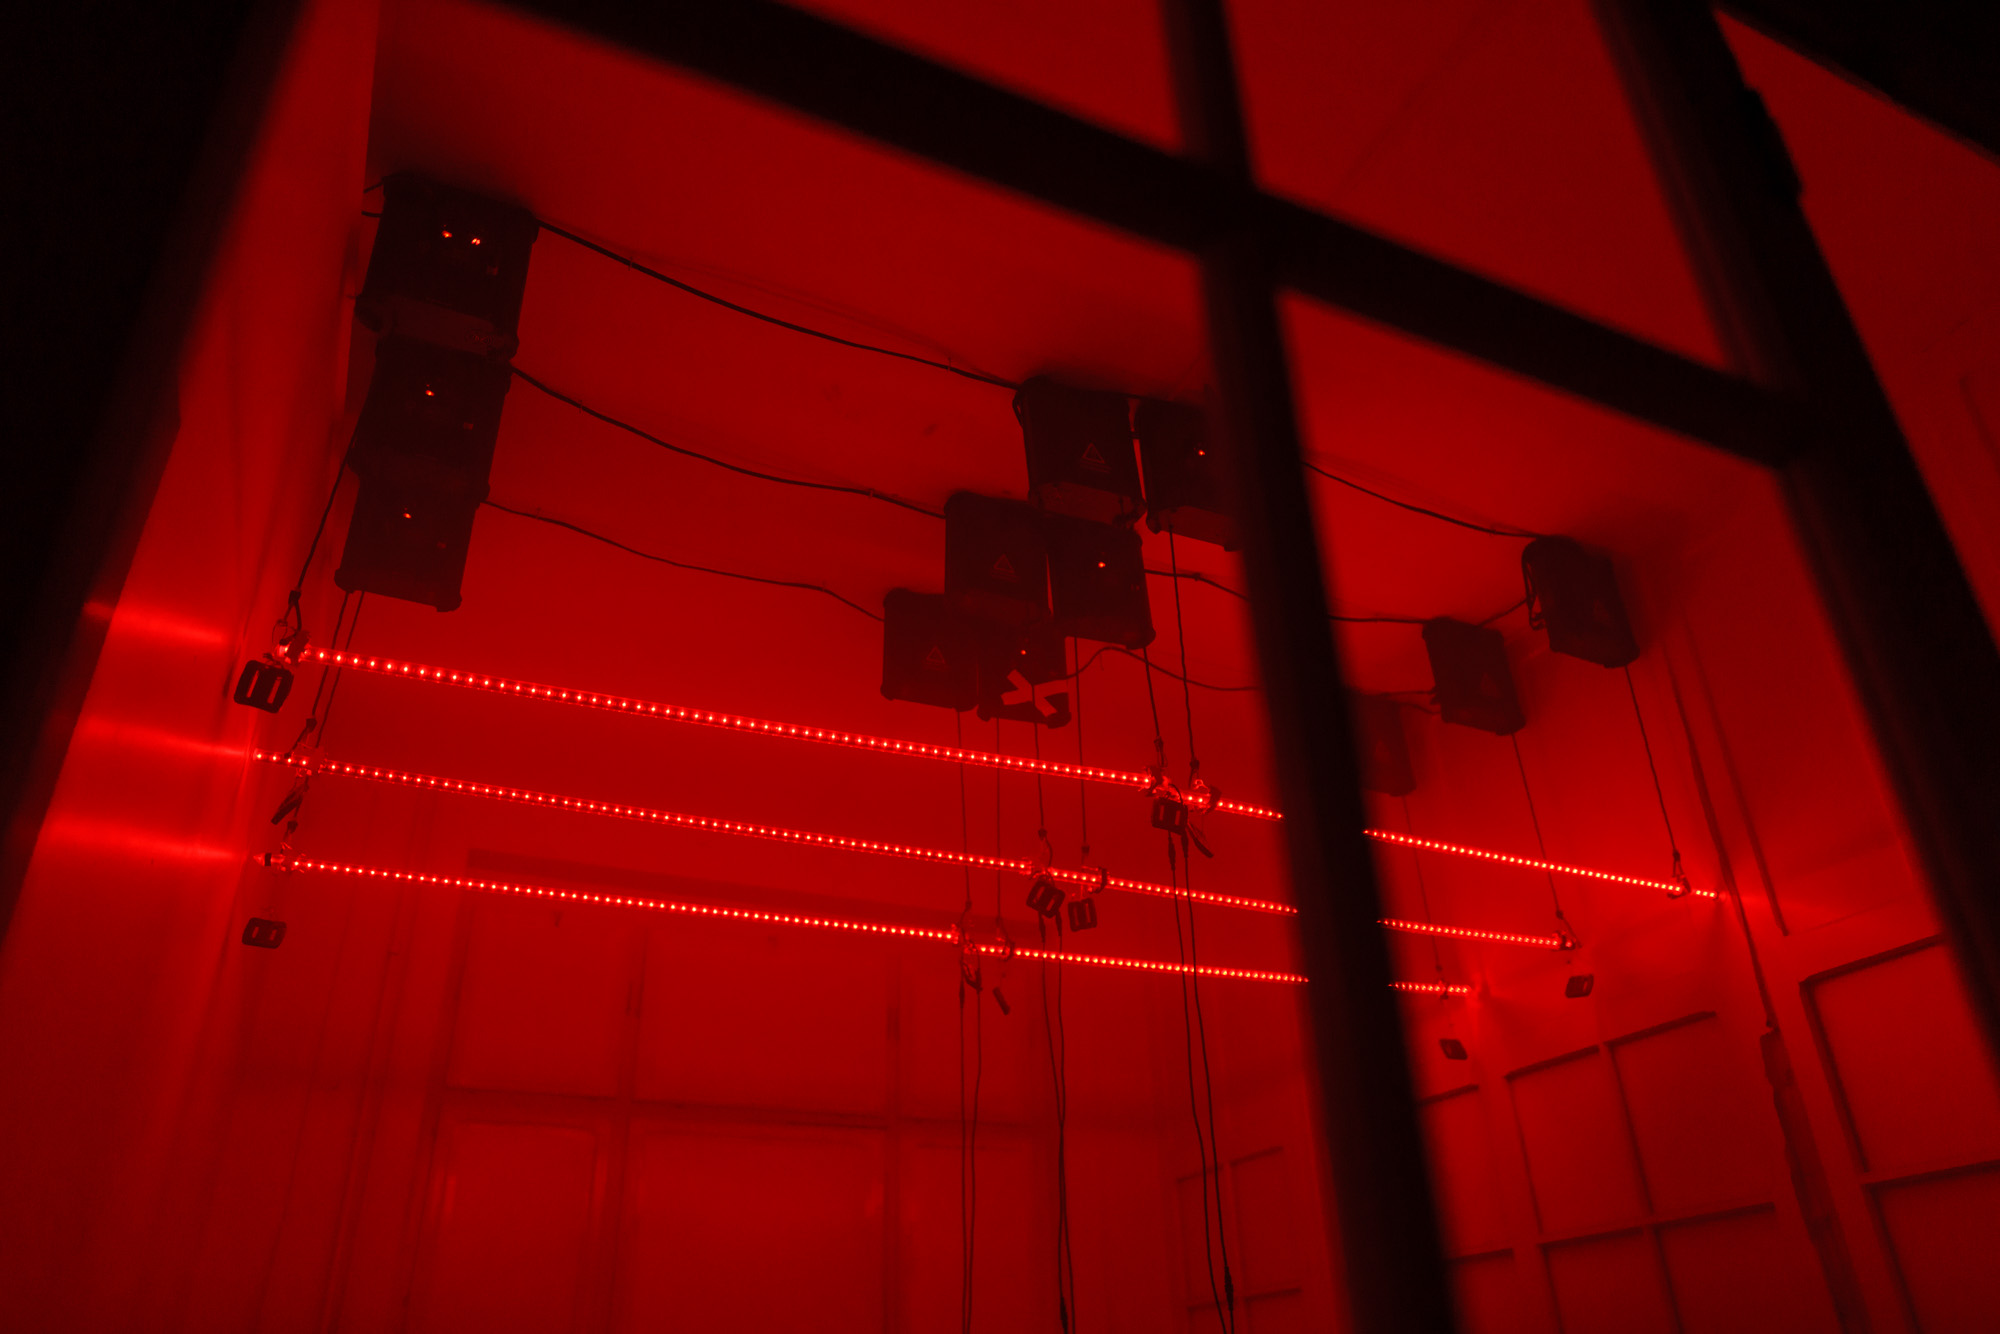 15-12-04 AV Exciters - SelEstArt © Bartosch Salmanski - www.128db.fr 0041